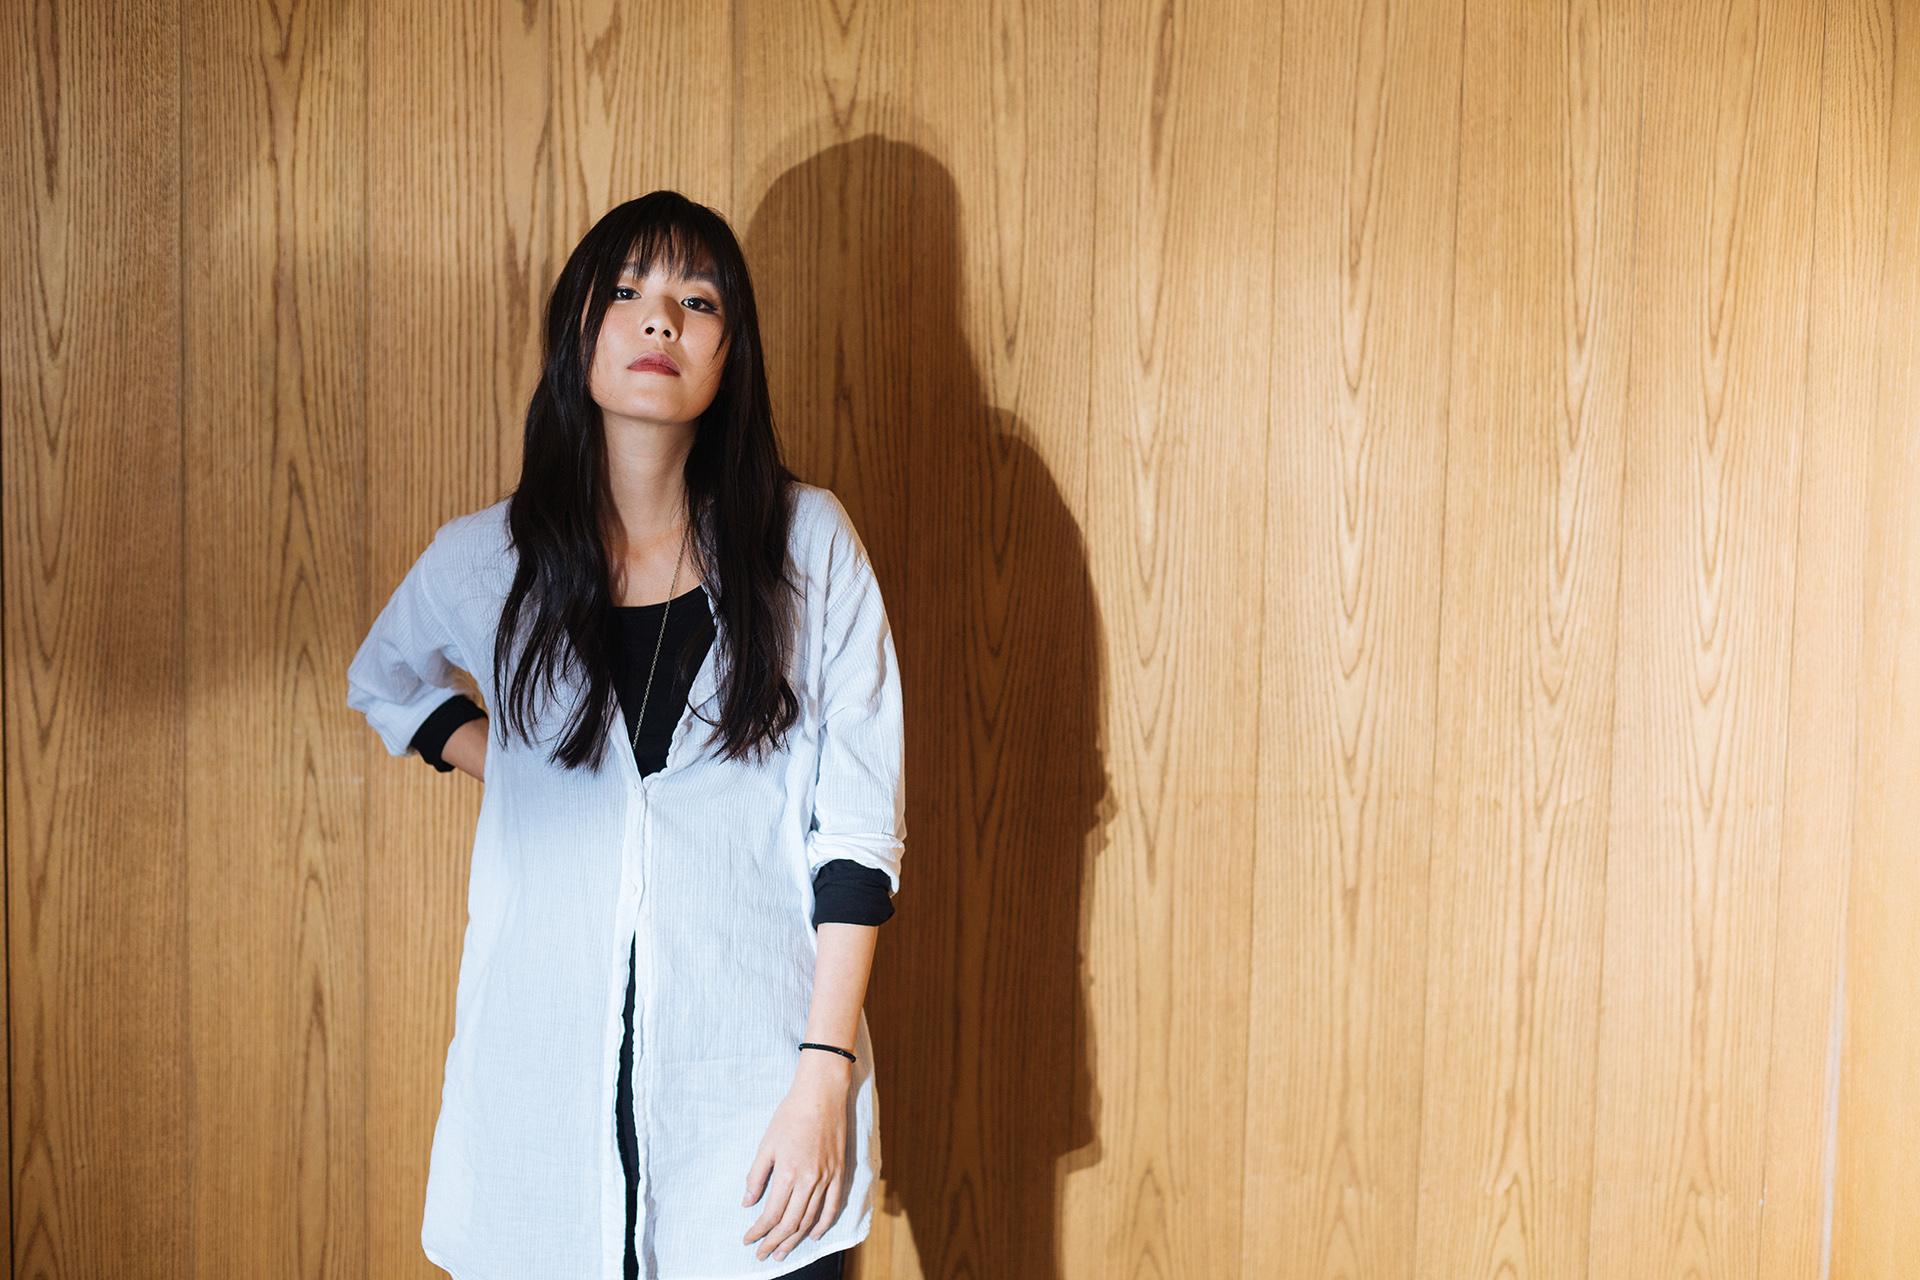 安溥是台灣唱作人,代表作包括《寶貝》、《南國的孩子》、《玫瑰色的你》。2015年,結束高雄《潮水箴言》音樂會後,宣布閉關創作,直至今年正式復出。